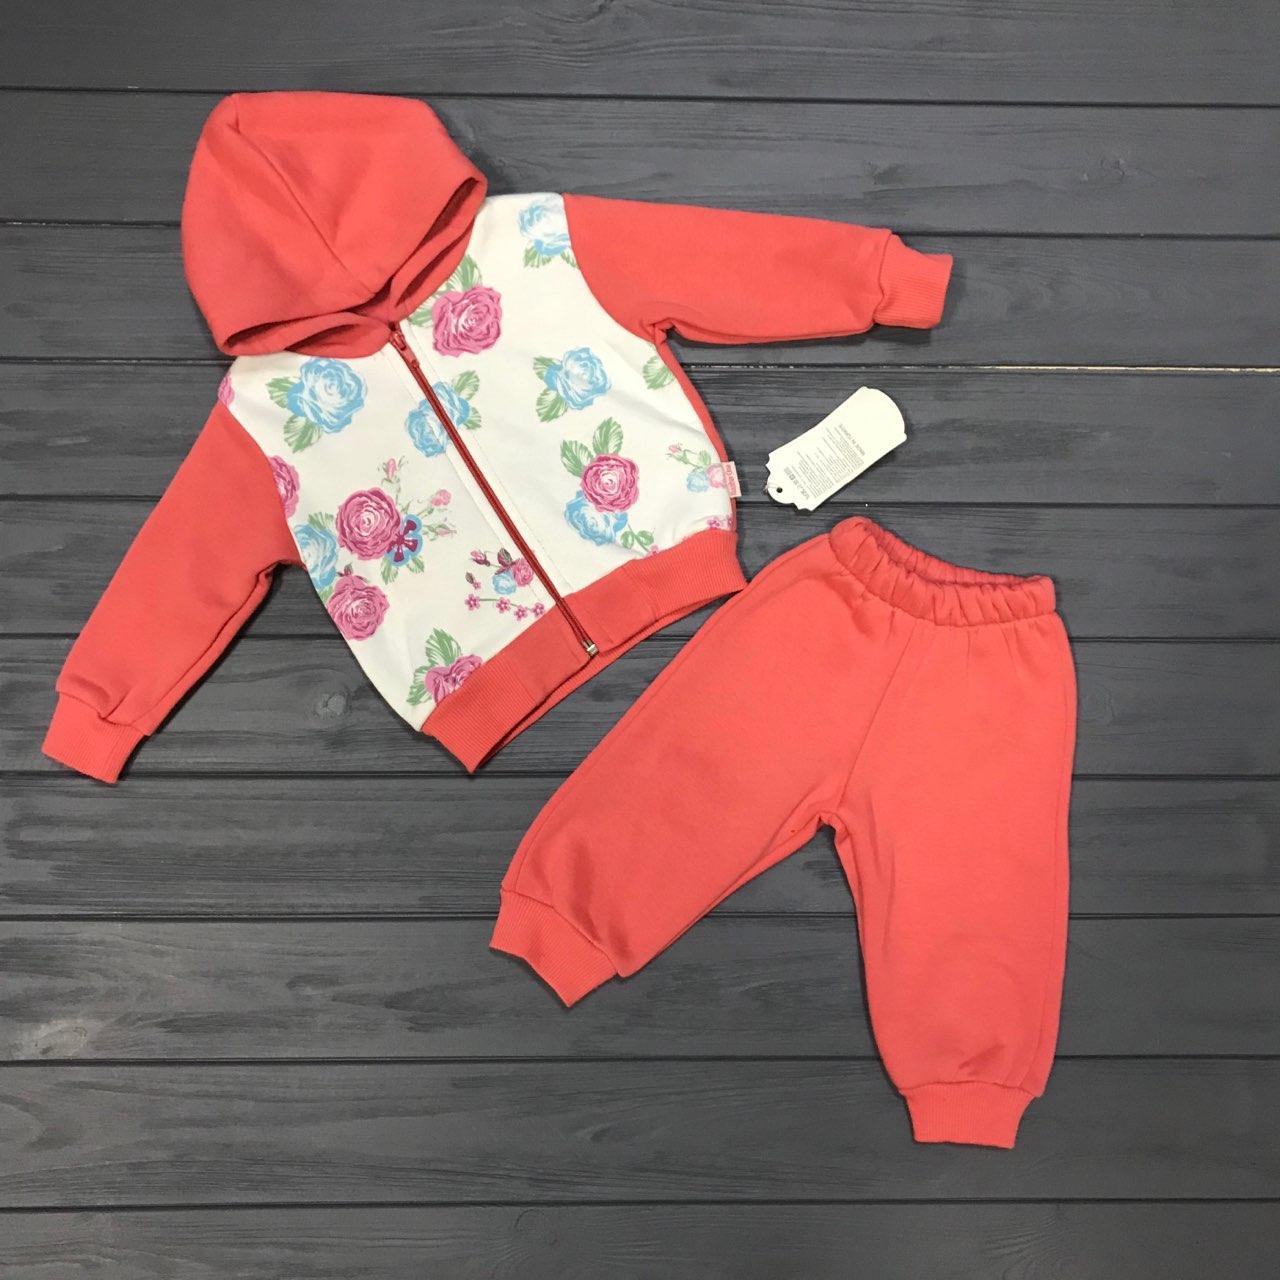 3a059ff1 Детский костюм спортивный тёплый с начёсом для девочек оптом р.1-2-3-4  года, цена 160,20 грн., купить в Днепре — Prom.ua (ID#398647516)